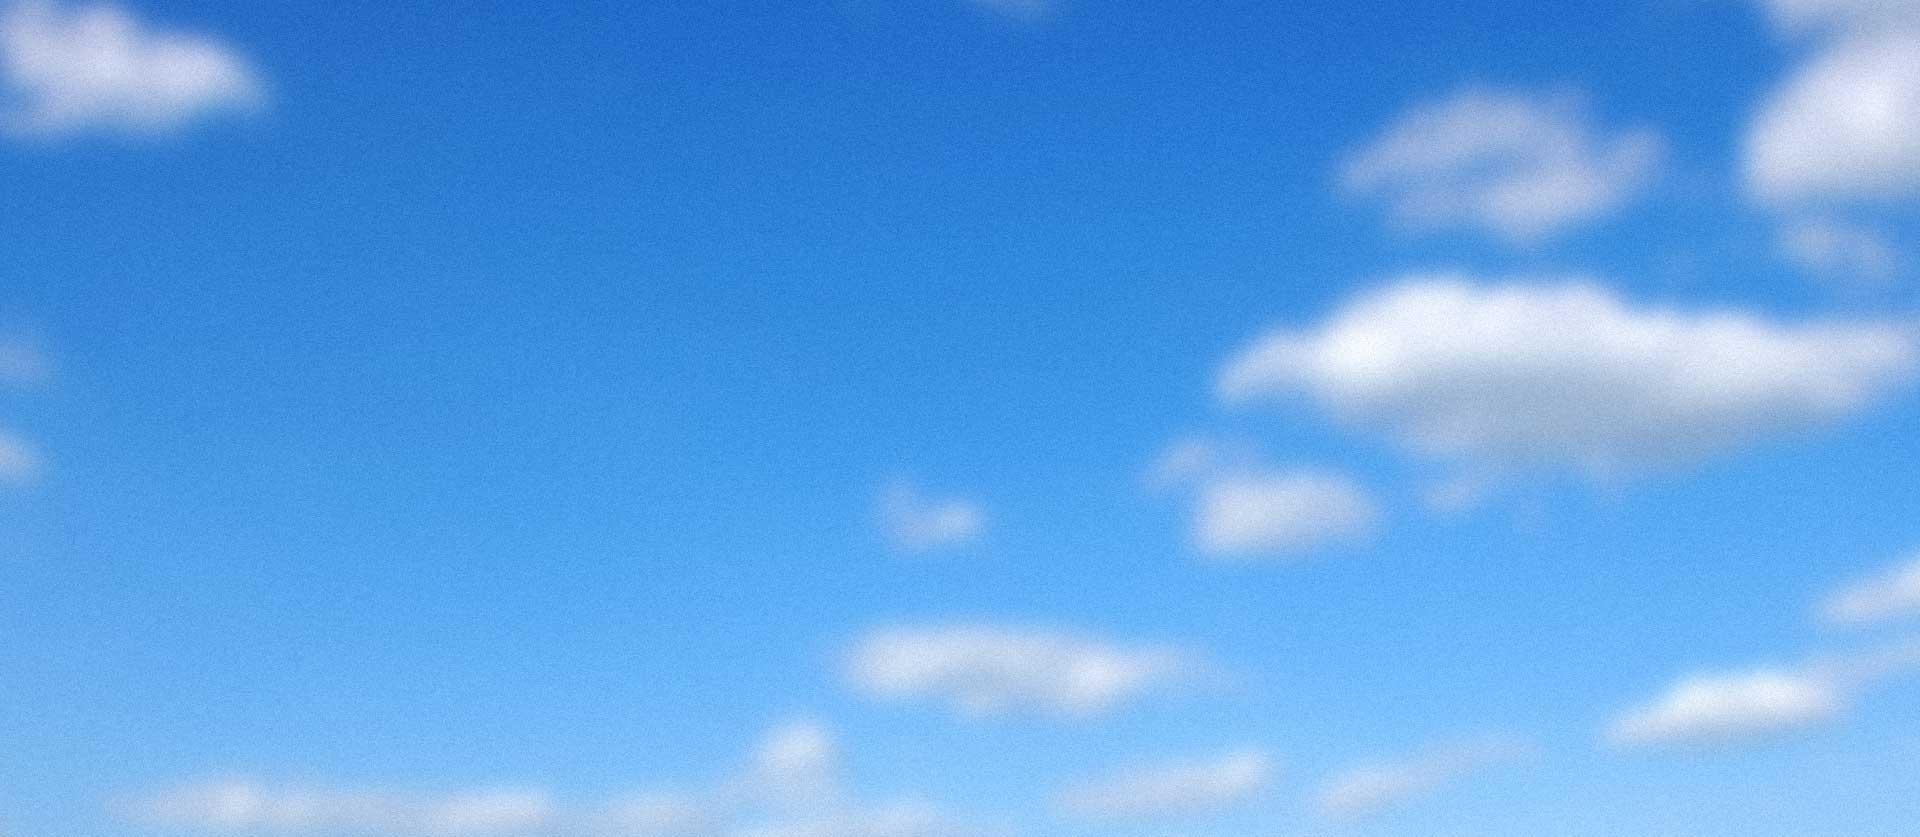 blue sky bg-2